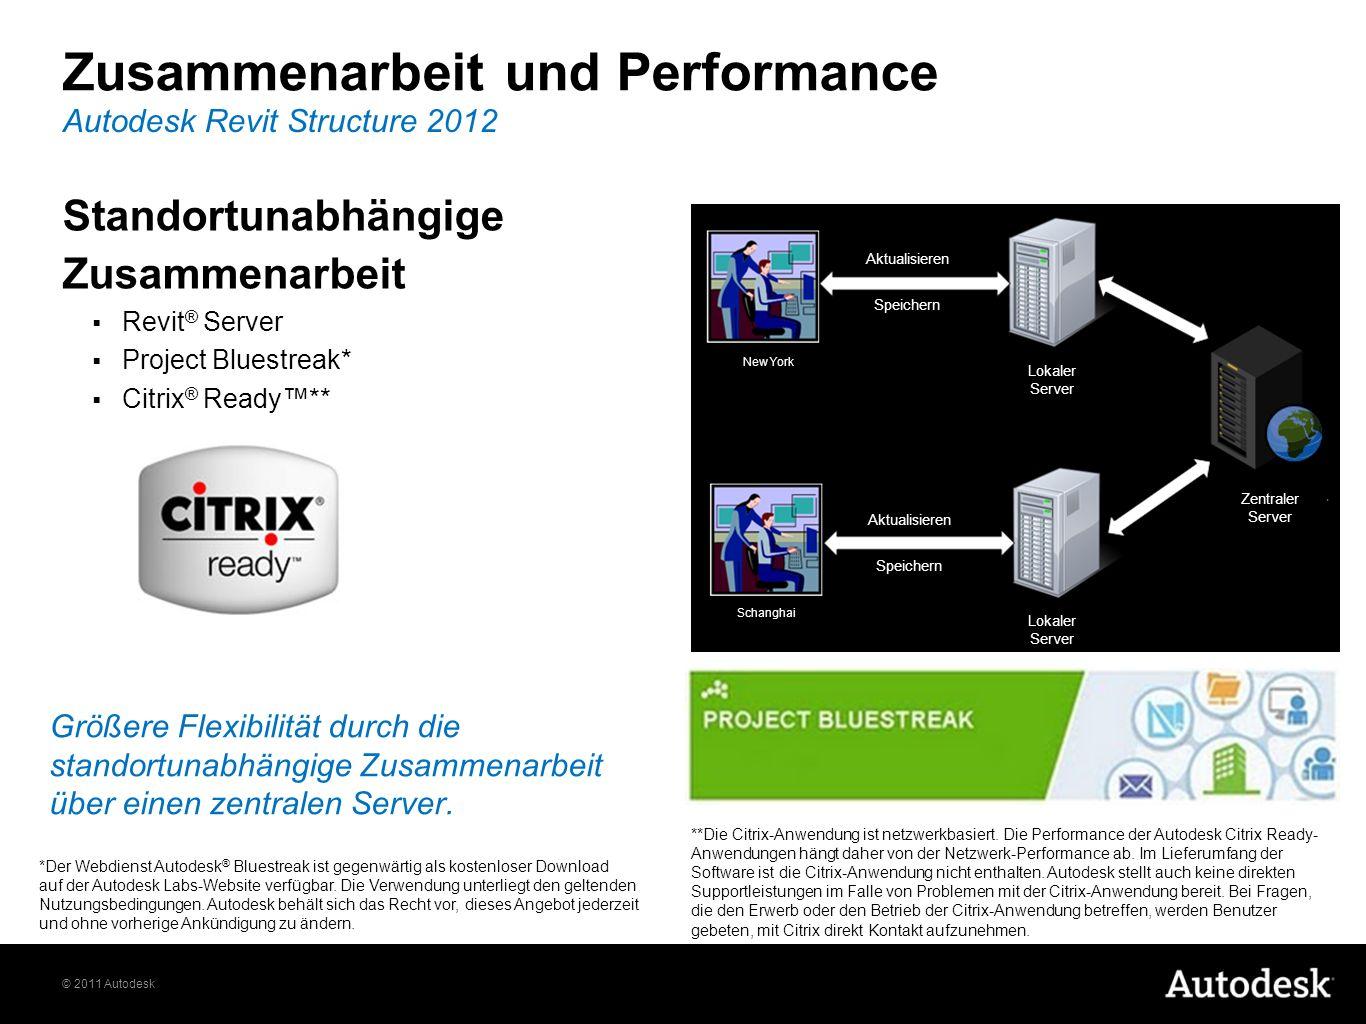 © 2011 Autodesk Autodesk Revit Structure 2012 Zusammenarbeit und Performance **Die Citrix-Anwendung ist netzwerkbasiert. Die Performance der Autodesk